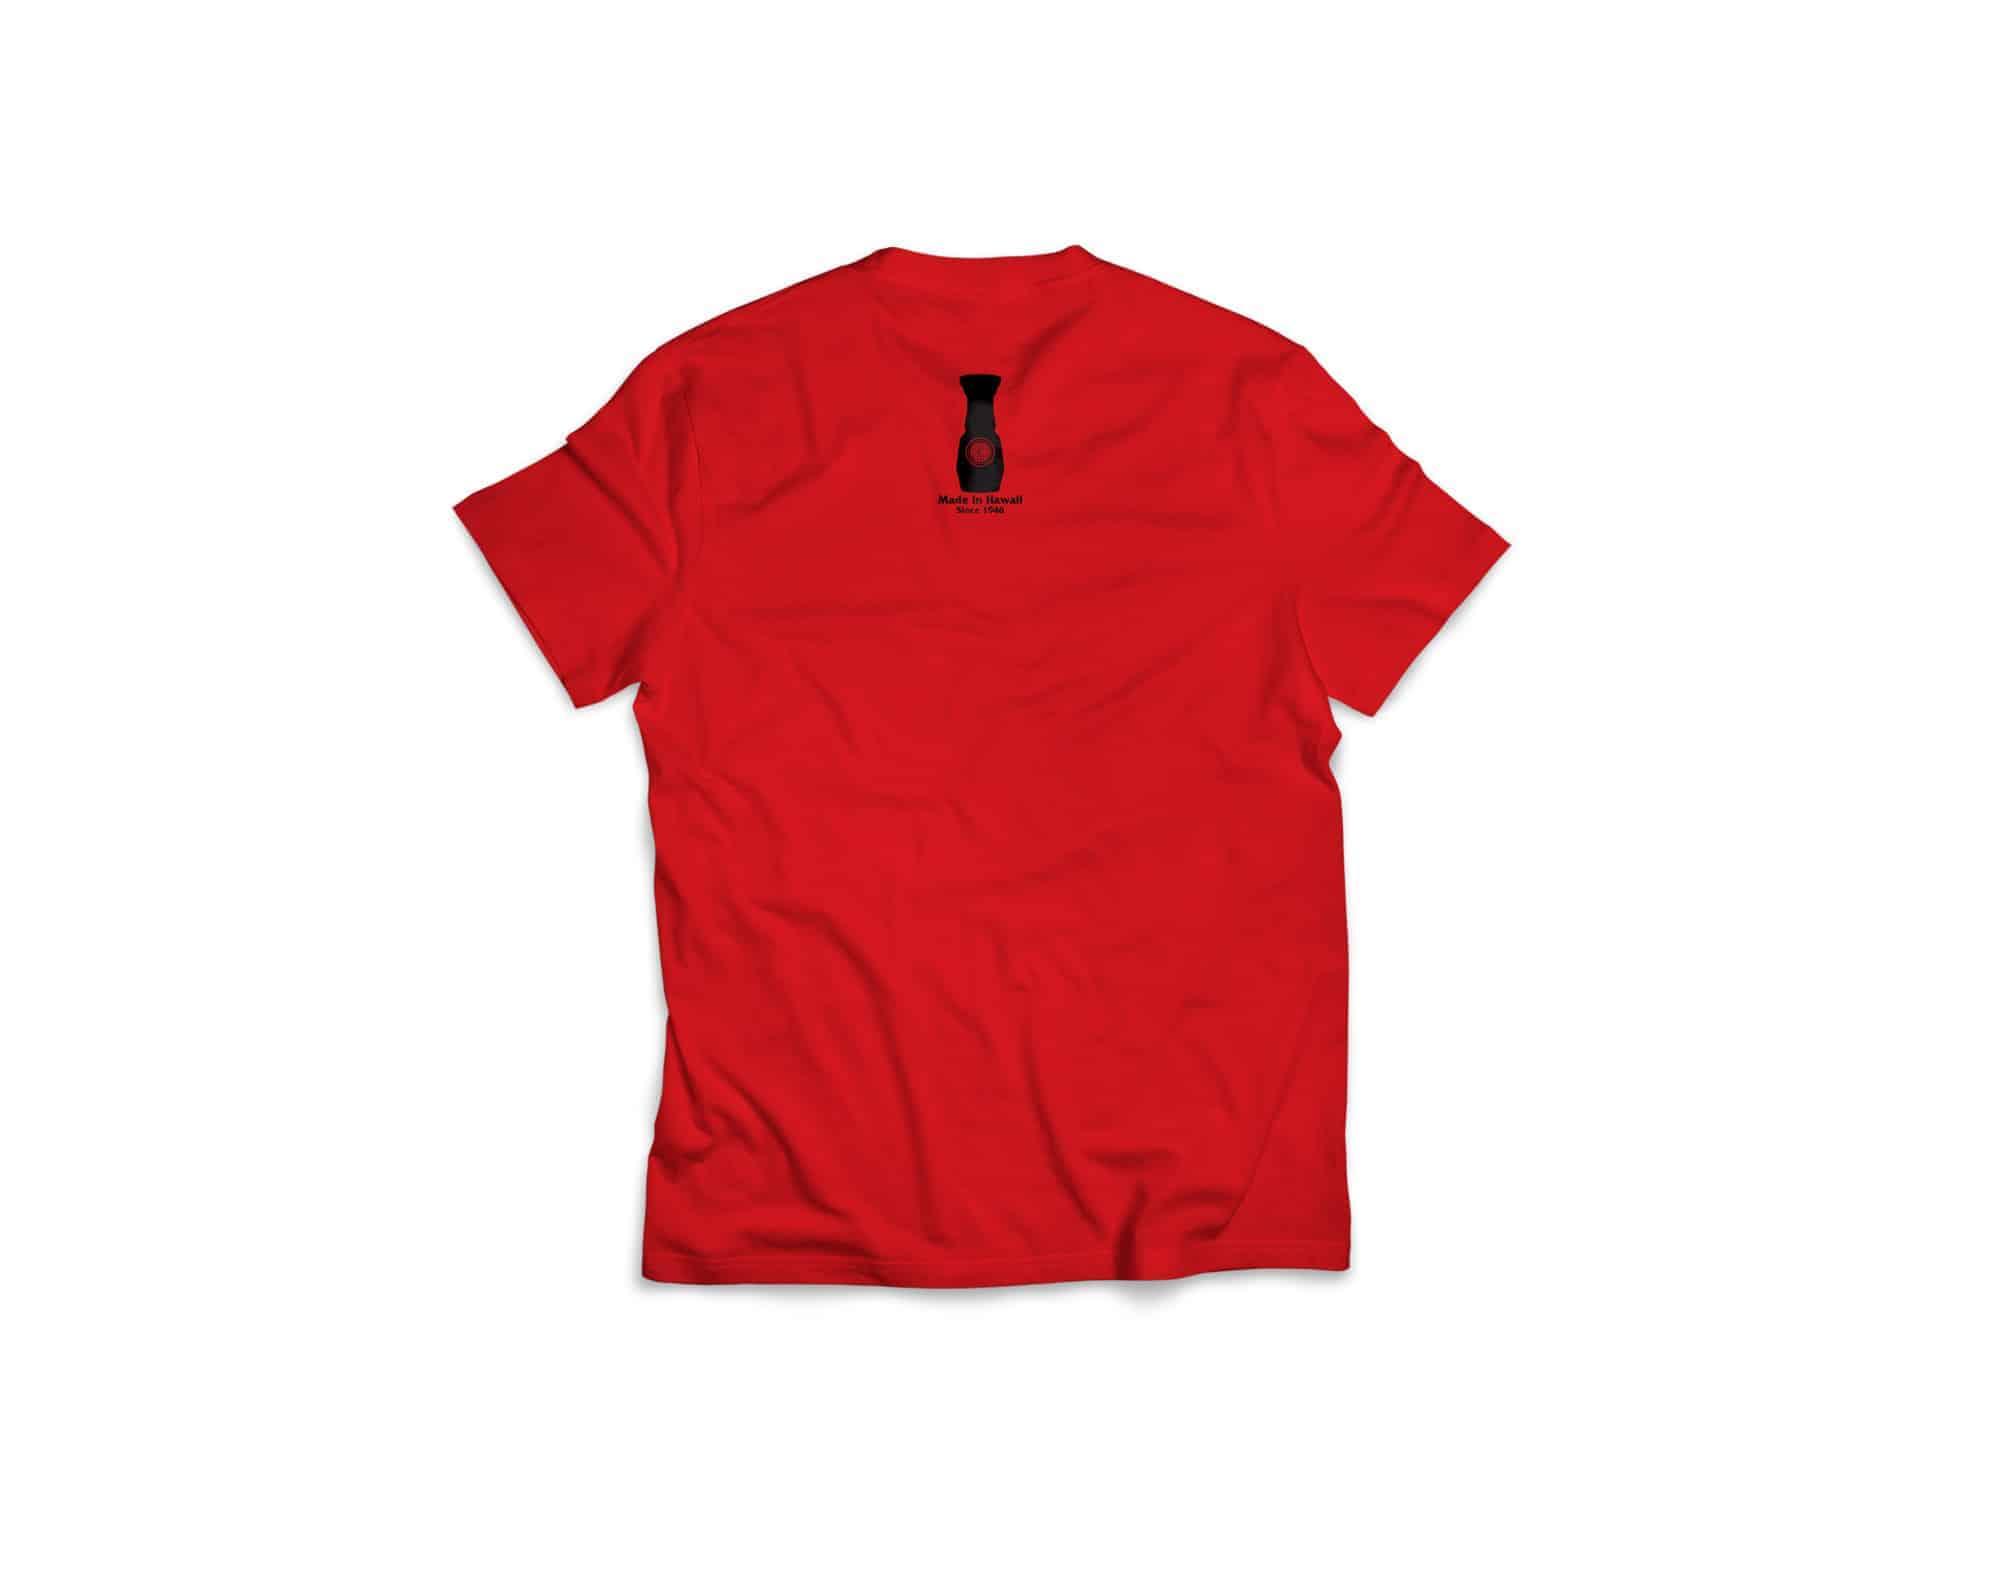 shirt005b